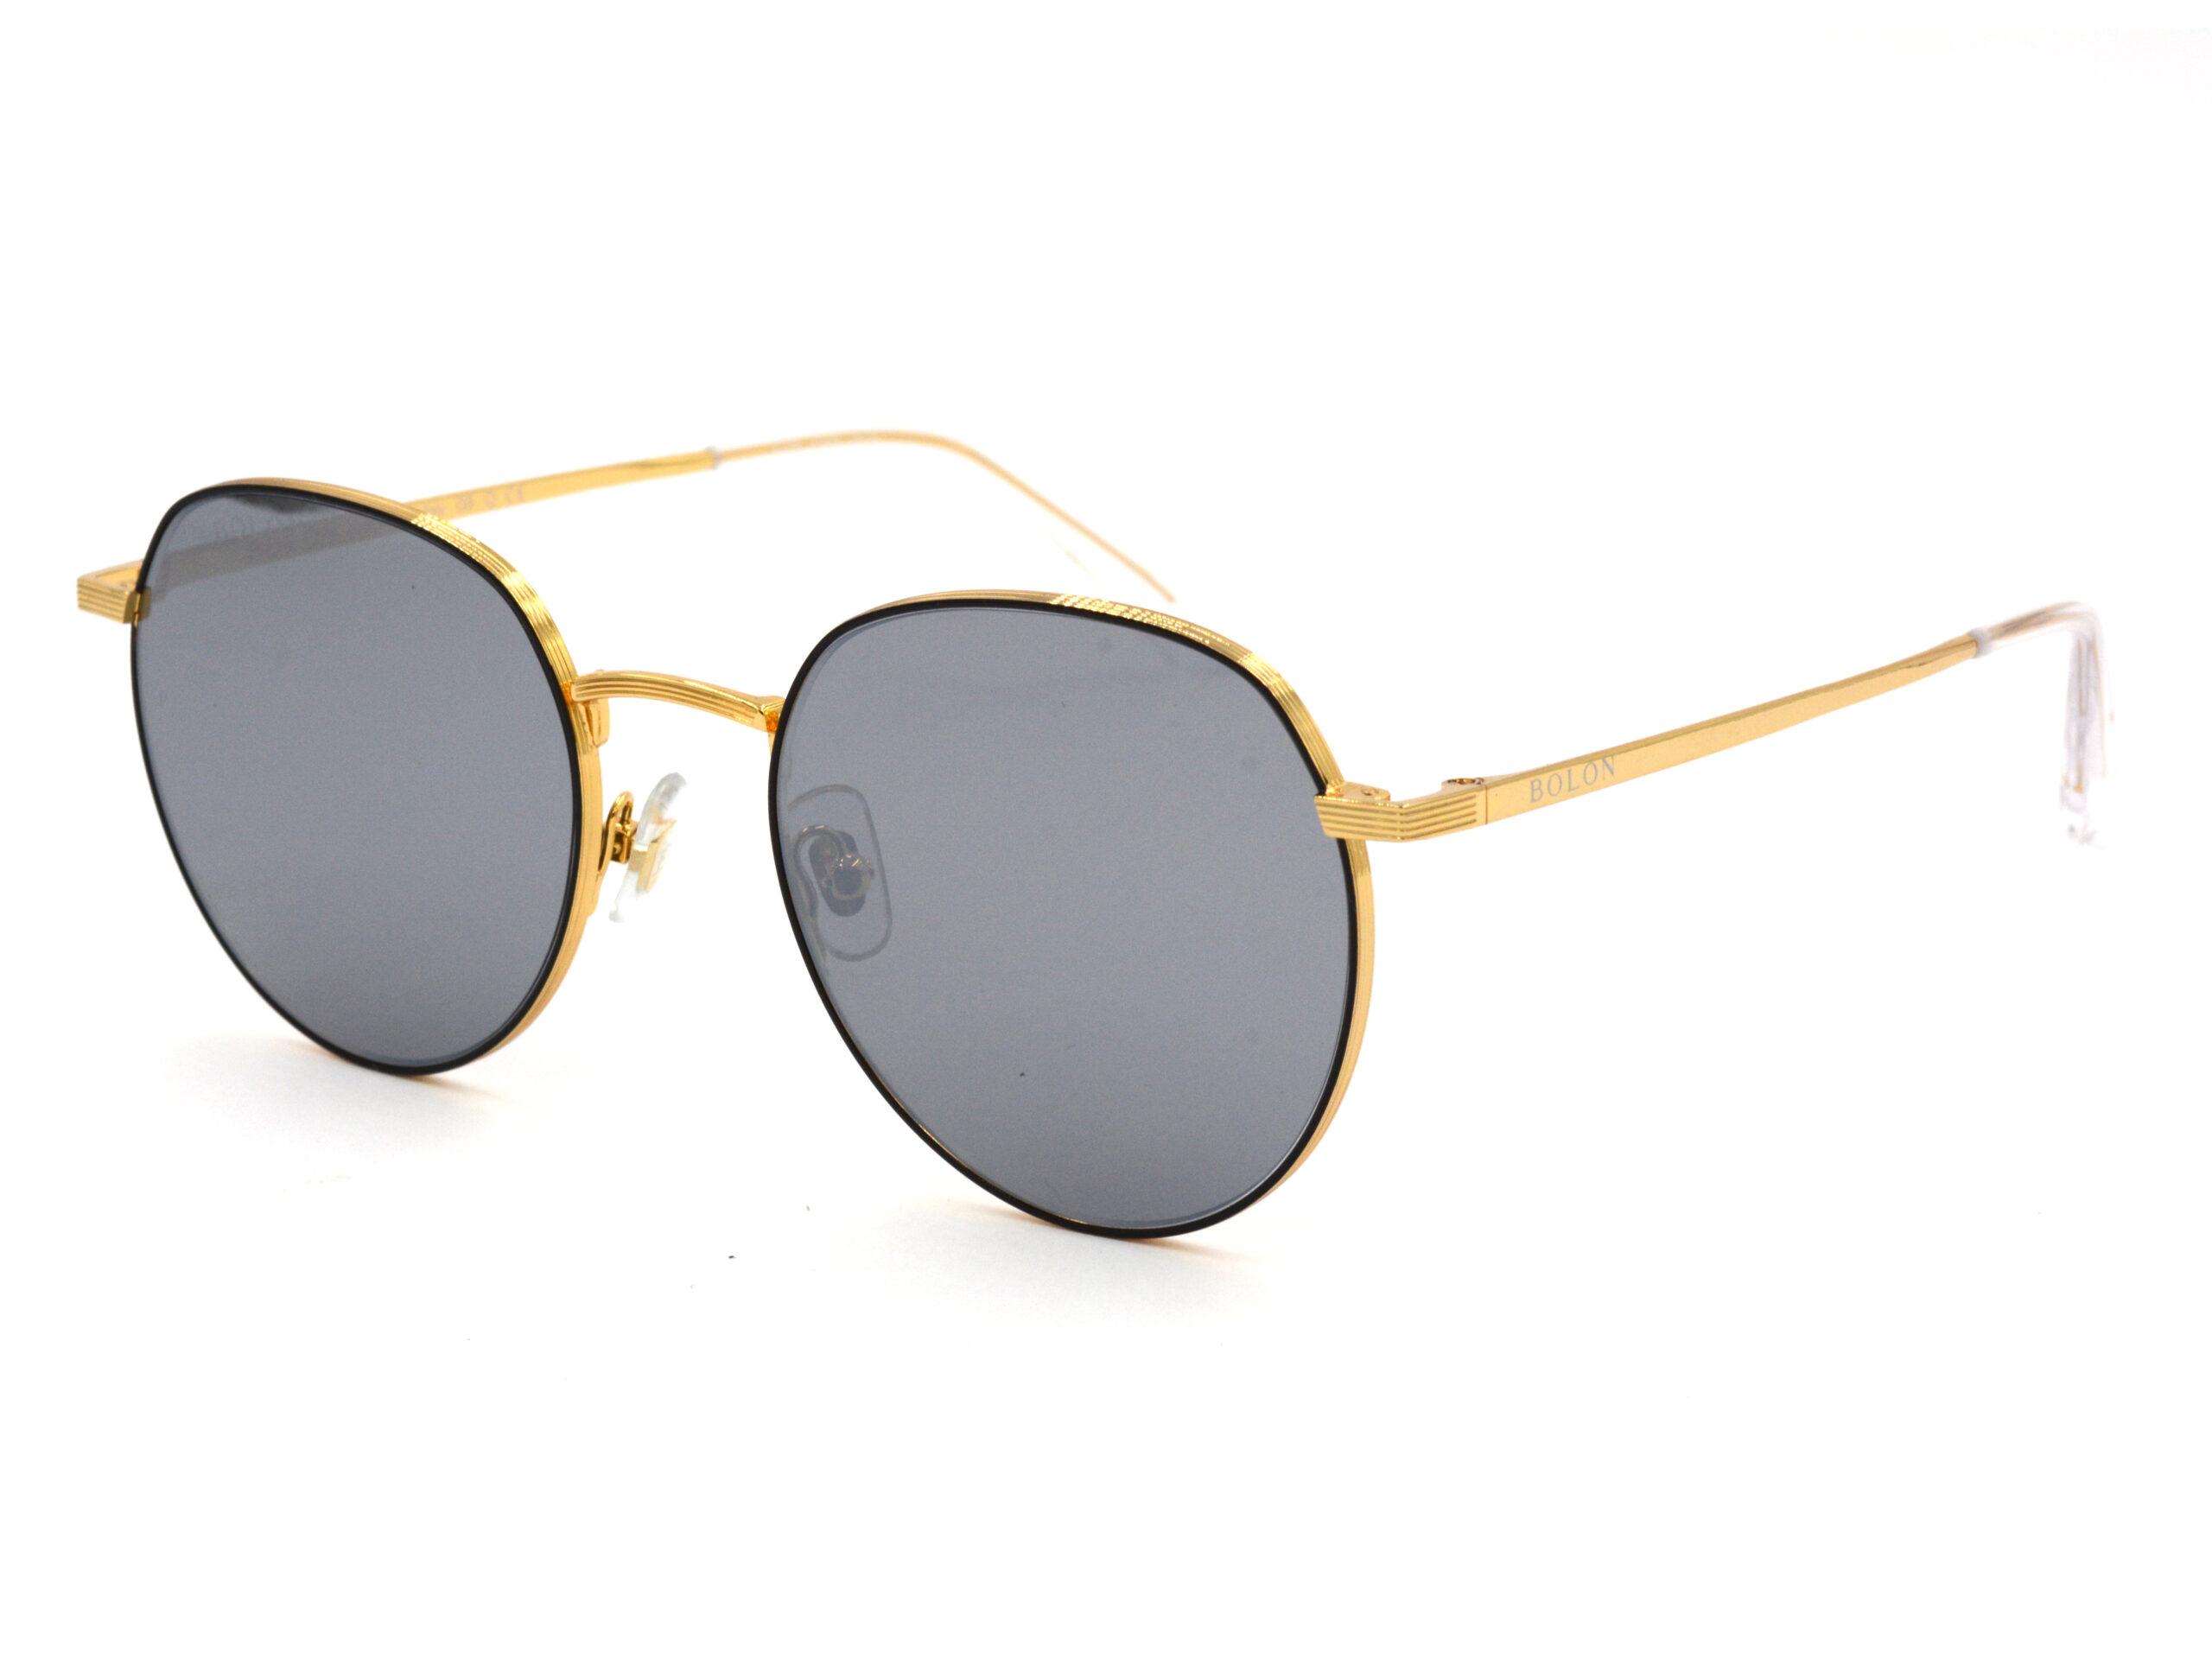 Sunglasses BOLON BL7058 D12 Unisex 2020